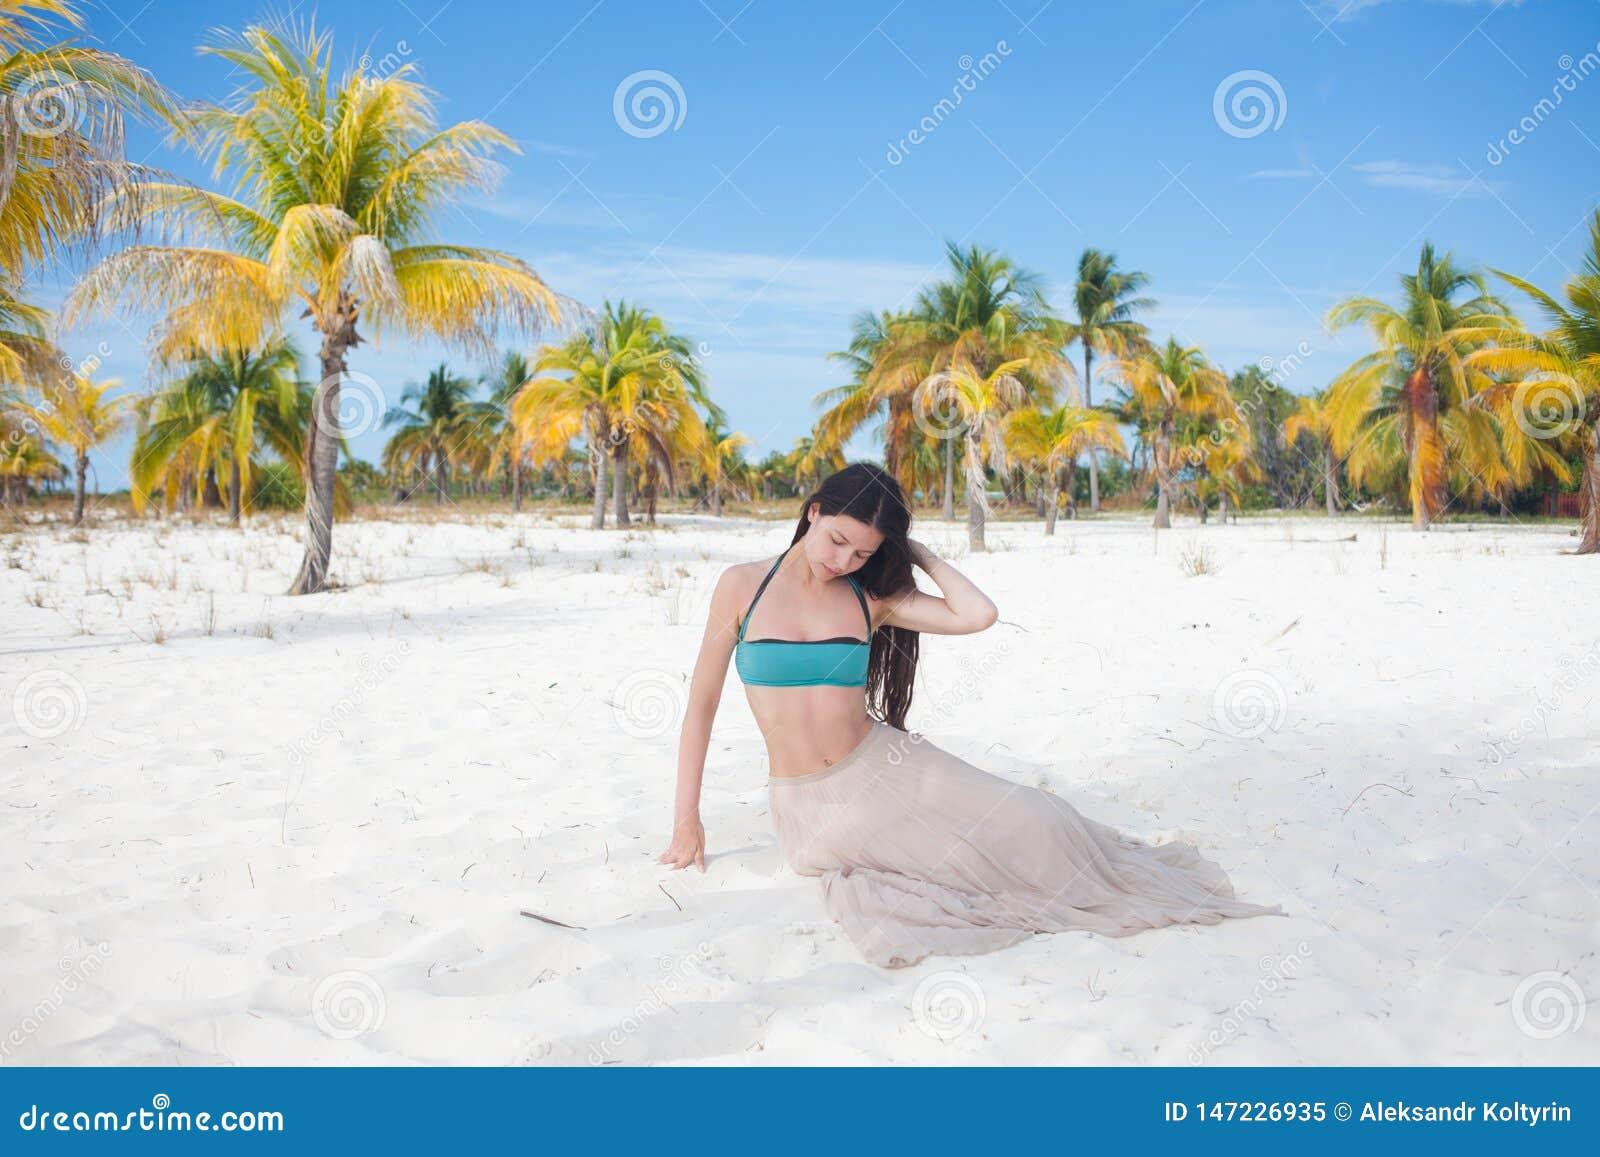 Mujer joven en el traje de baño y la falda que fluye, bailando en una playa del Caribe